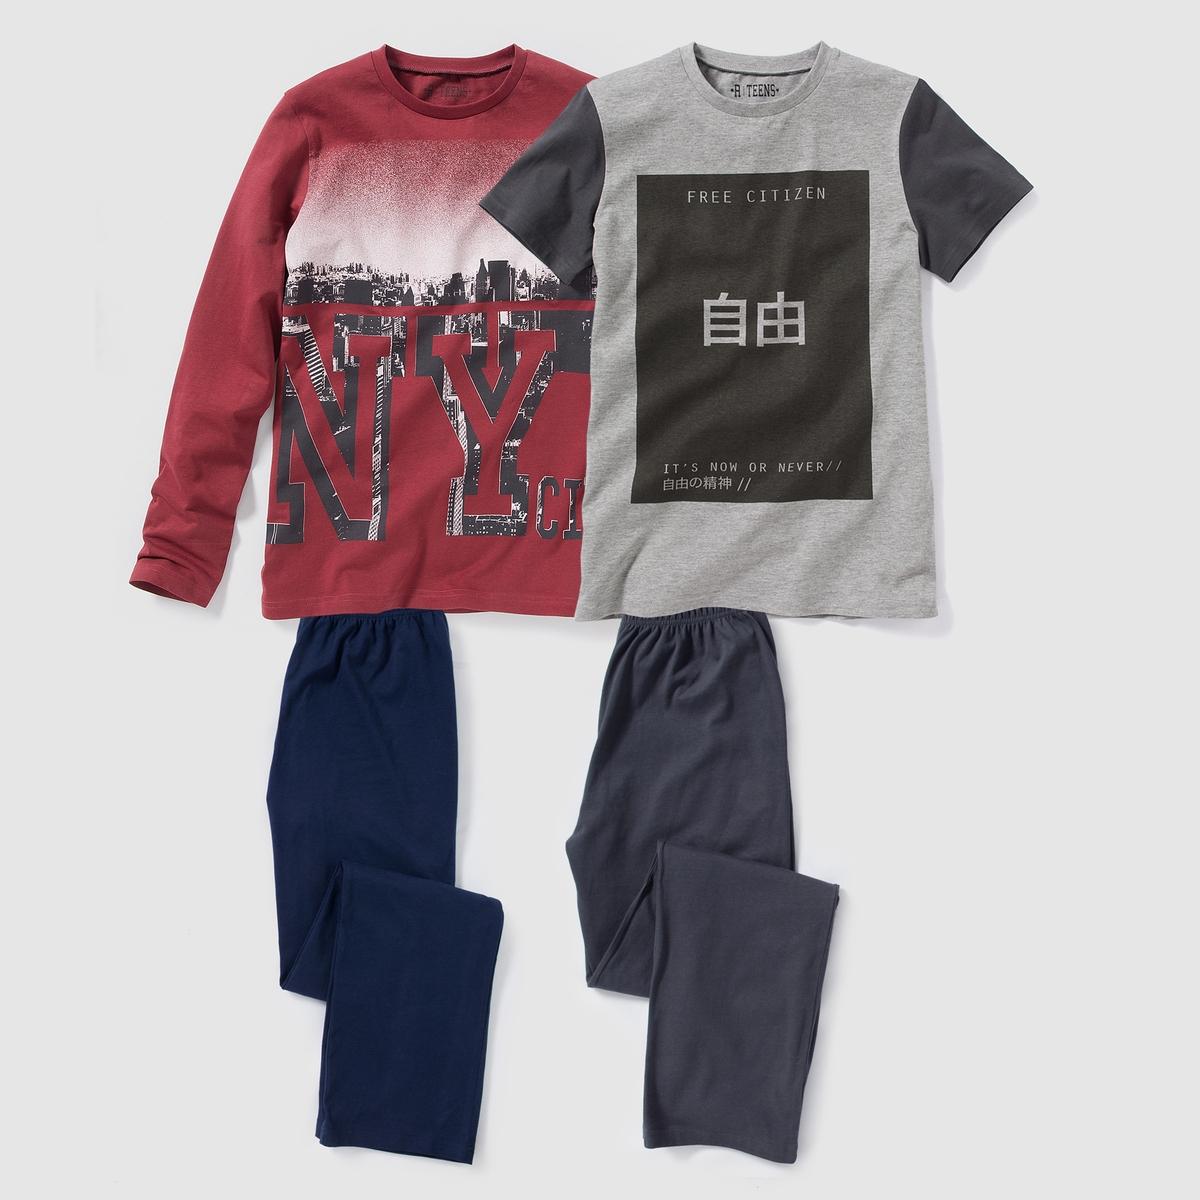 Комплект из 2 пижам из джерси с рисунком, 10-16 летПижама из трикотажа джерси. Комплект из 2 пижам: 1 футболка с длинными рукавами + 1 футболка с короткими рукавами и разными рисунками на каждой футболке. Брюки с эластичным поясом. Знак Oeko-tex*.   Состав и описаниеМатериал: трикотаж джерси, 100% хлопок (кроме модели цвета серый меланж: преимущественно из хлопка).Марка: R ?dition. УходМашинная стирка при 30°C с вещами подобных цветов.Стирка и глажка с изнаночной стороны.Машинная сушка в умеренном режиме.Гладить на низкой температуре.*Международный знак Oeko-Tex® дает гарантию того, что изделия изготовлены без применения вредных и раздражающих кожу веществ.<br><br>Цвет: бордовый + серый меланж